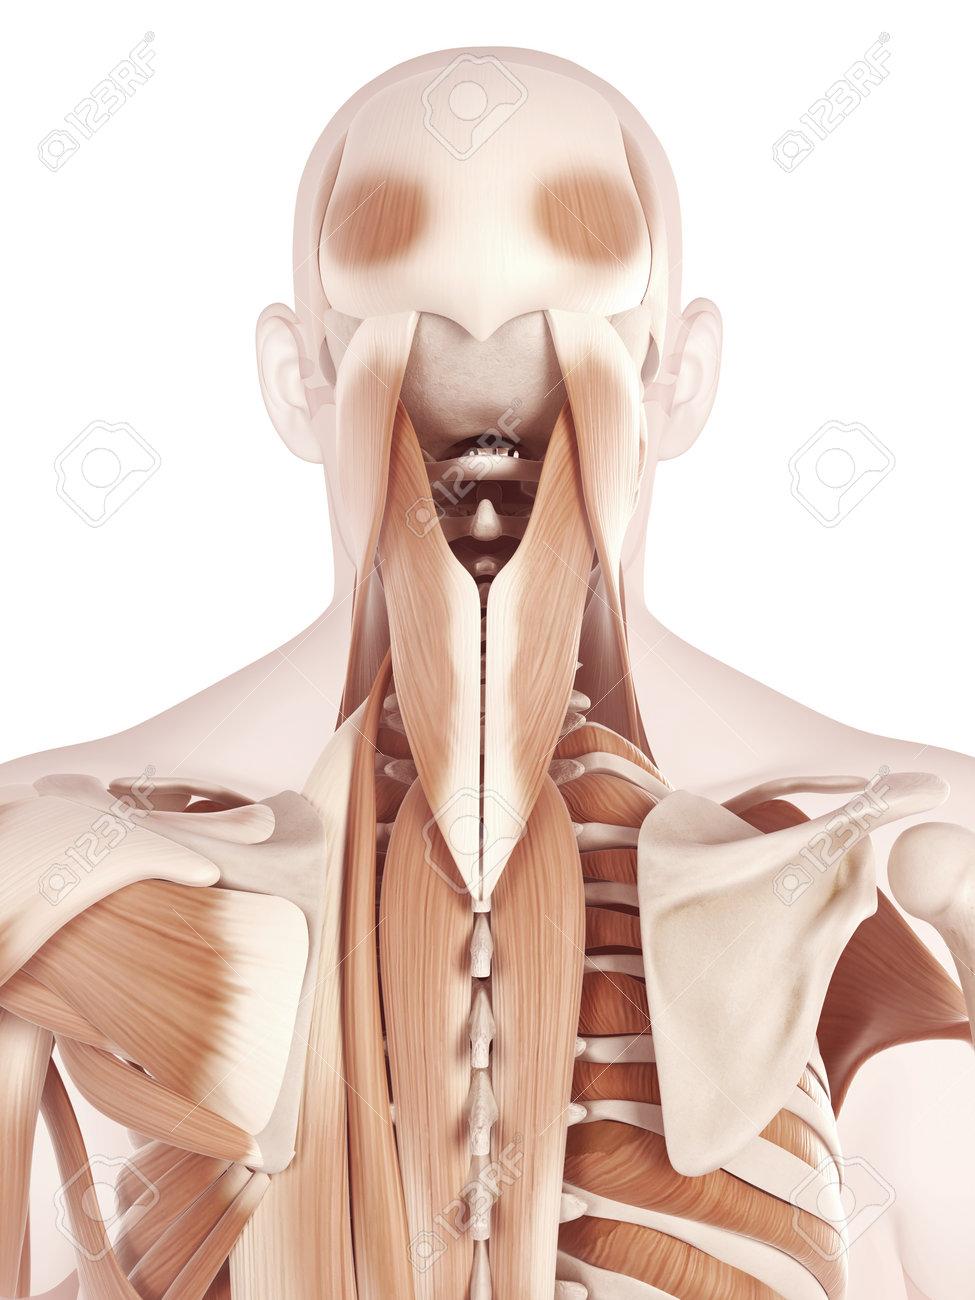 Ilustración De La Anatomía Que Muestra Los Músculos Del Cuello Fotos ...